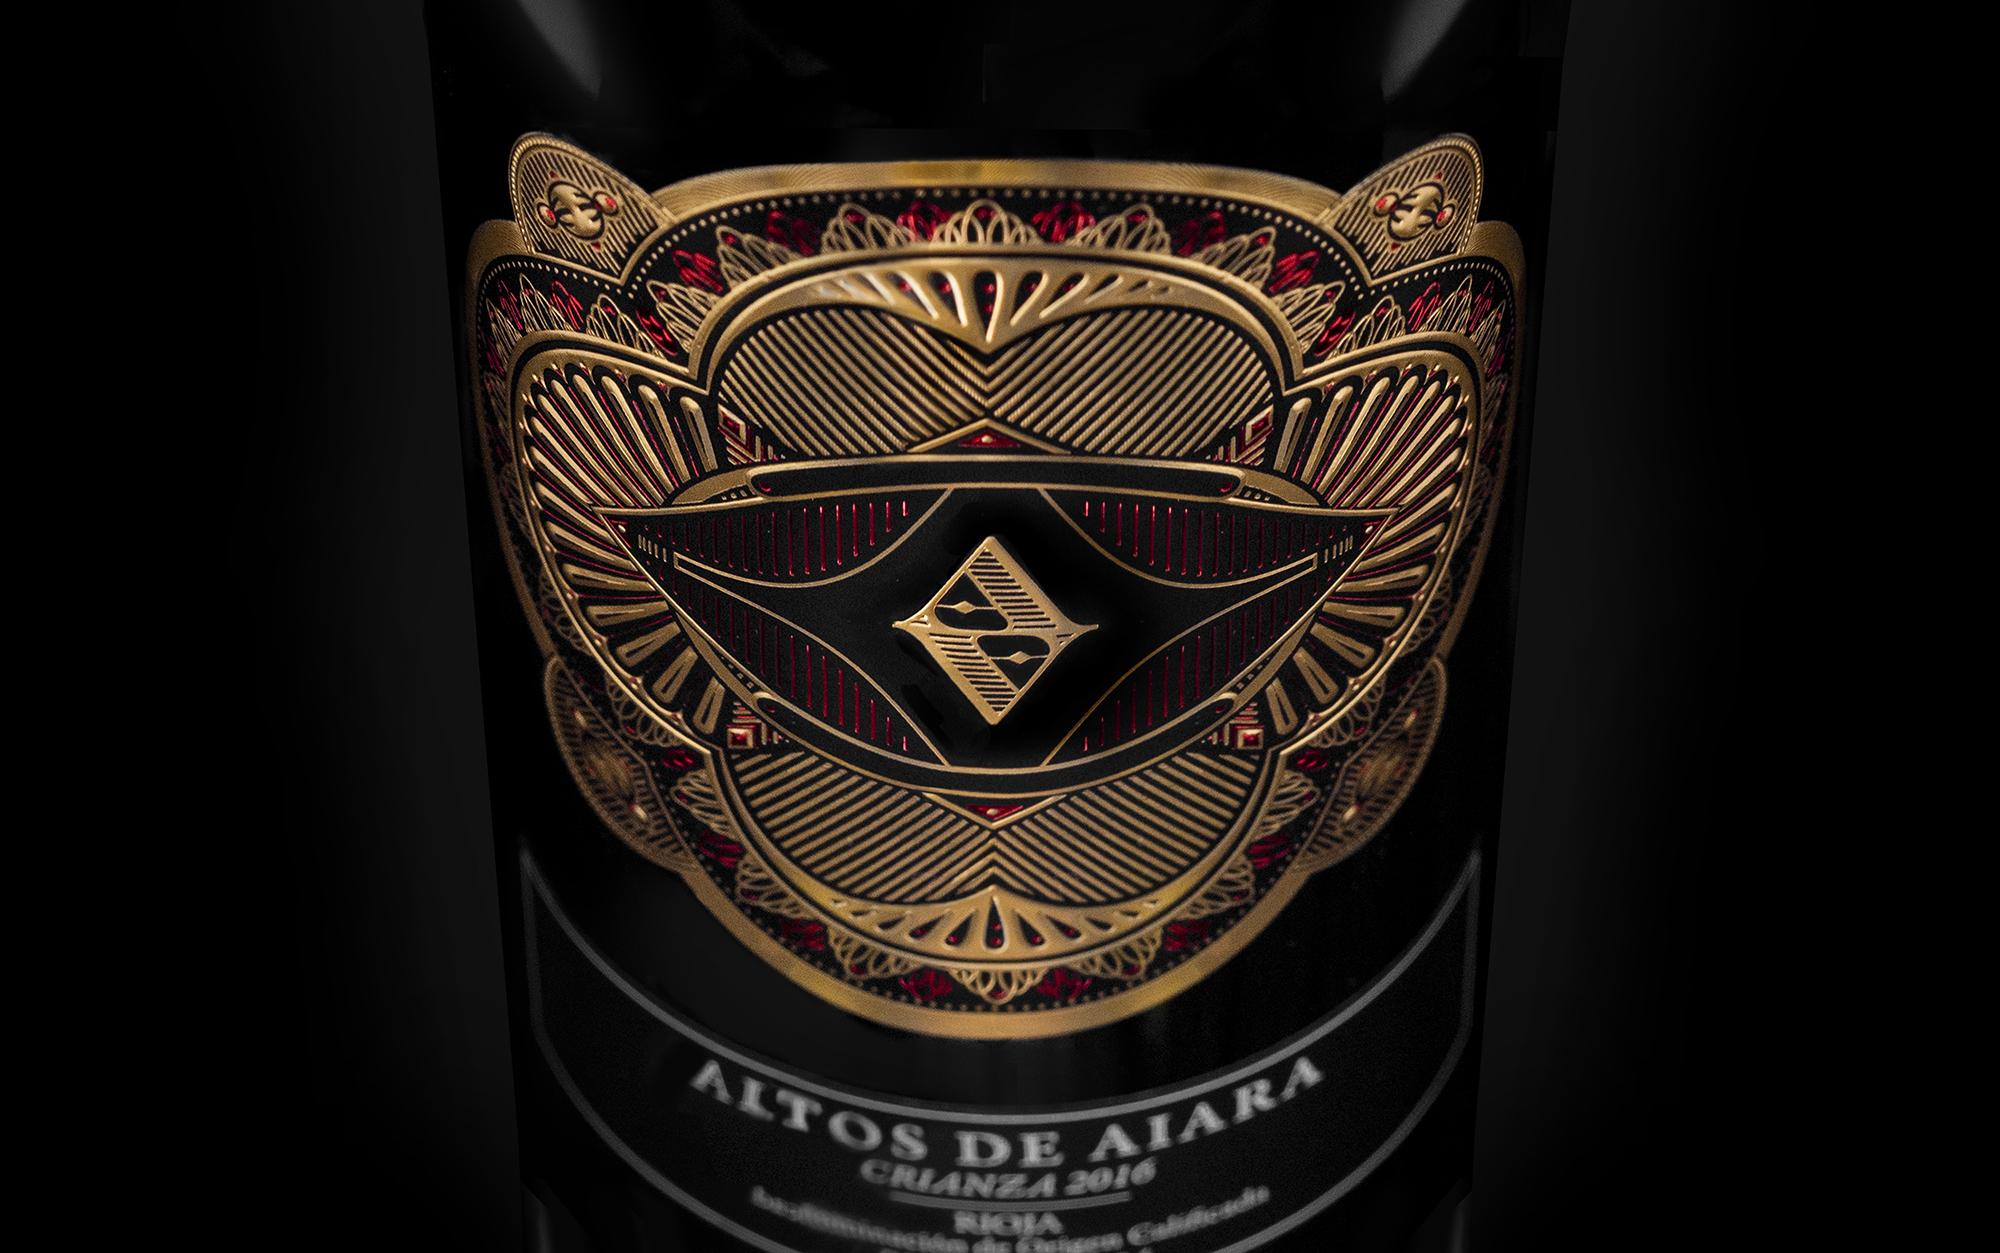 Detalle fotográfico del diseño de la etiqueta de vino crianza Altos de Aiara, La guardia 1